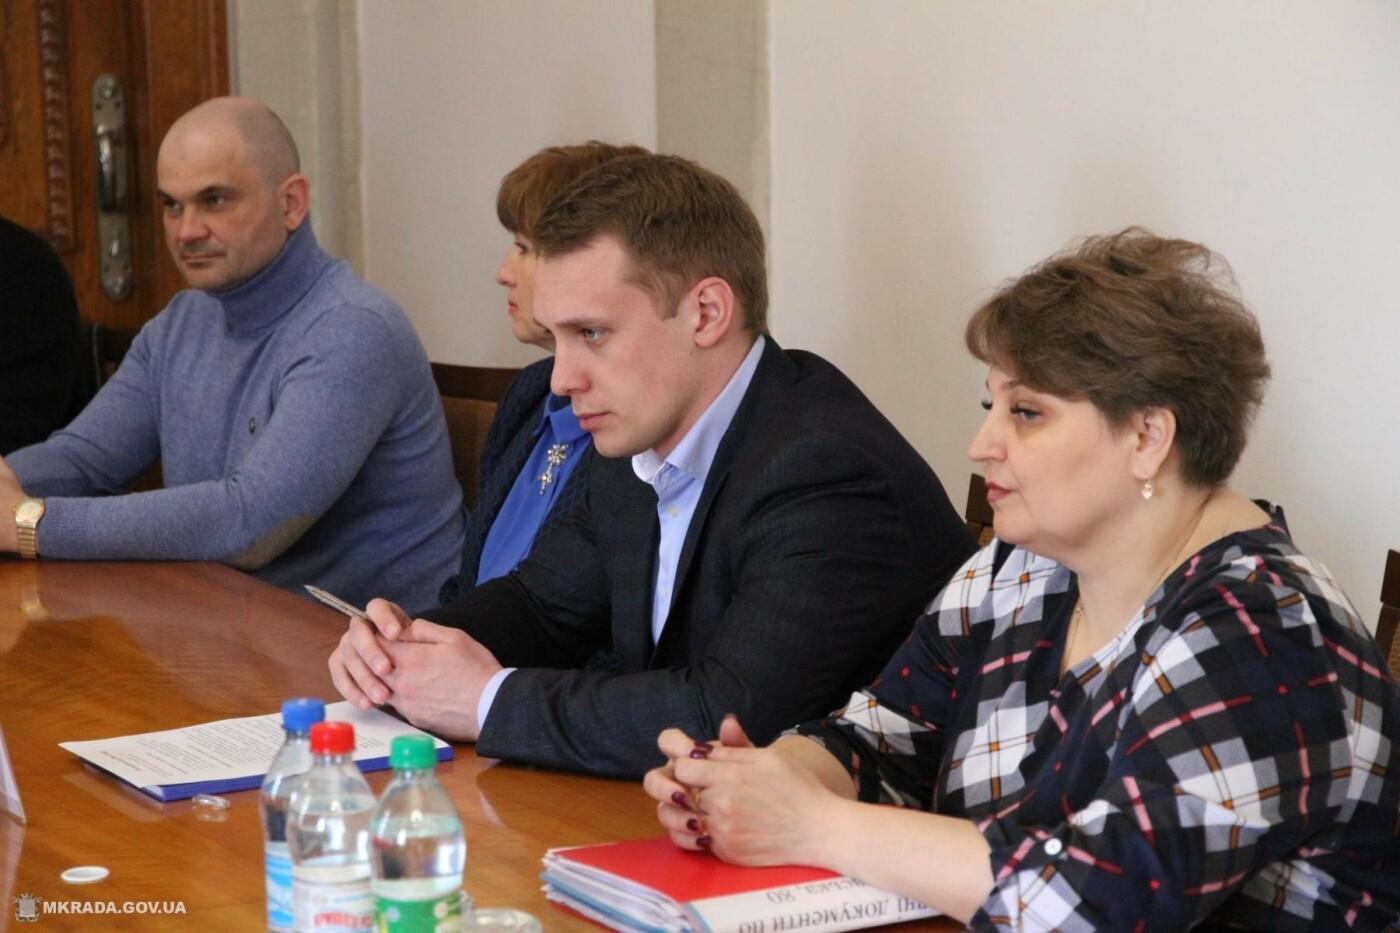 В Николаеве намерены построить Центр социально-психологической реабилитации детей и молодежи с функциональными ограничениями, - ФОТО, фото-3